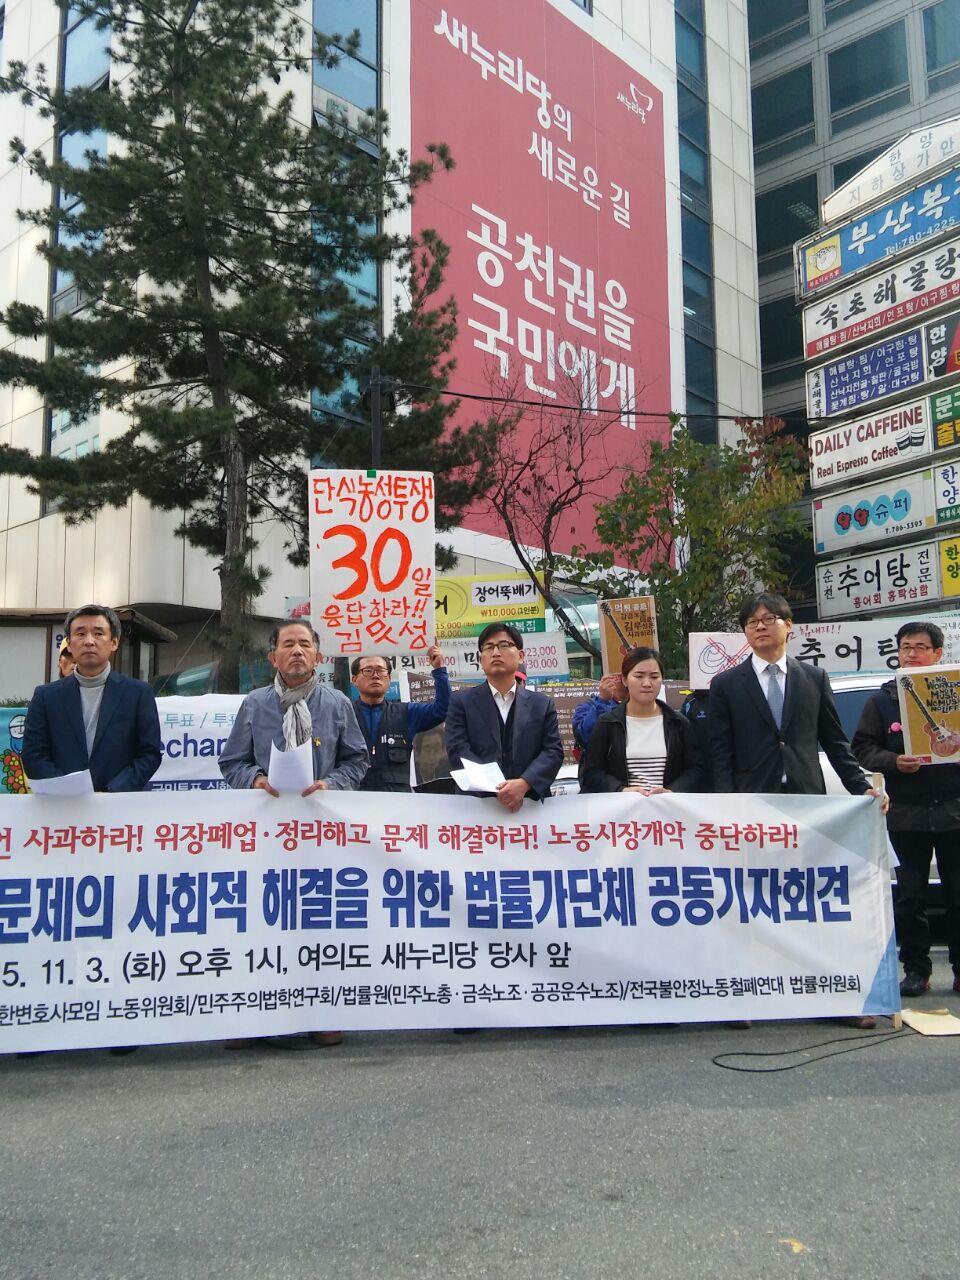 김무성 처벌 촉구 법률가단체 기자회견